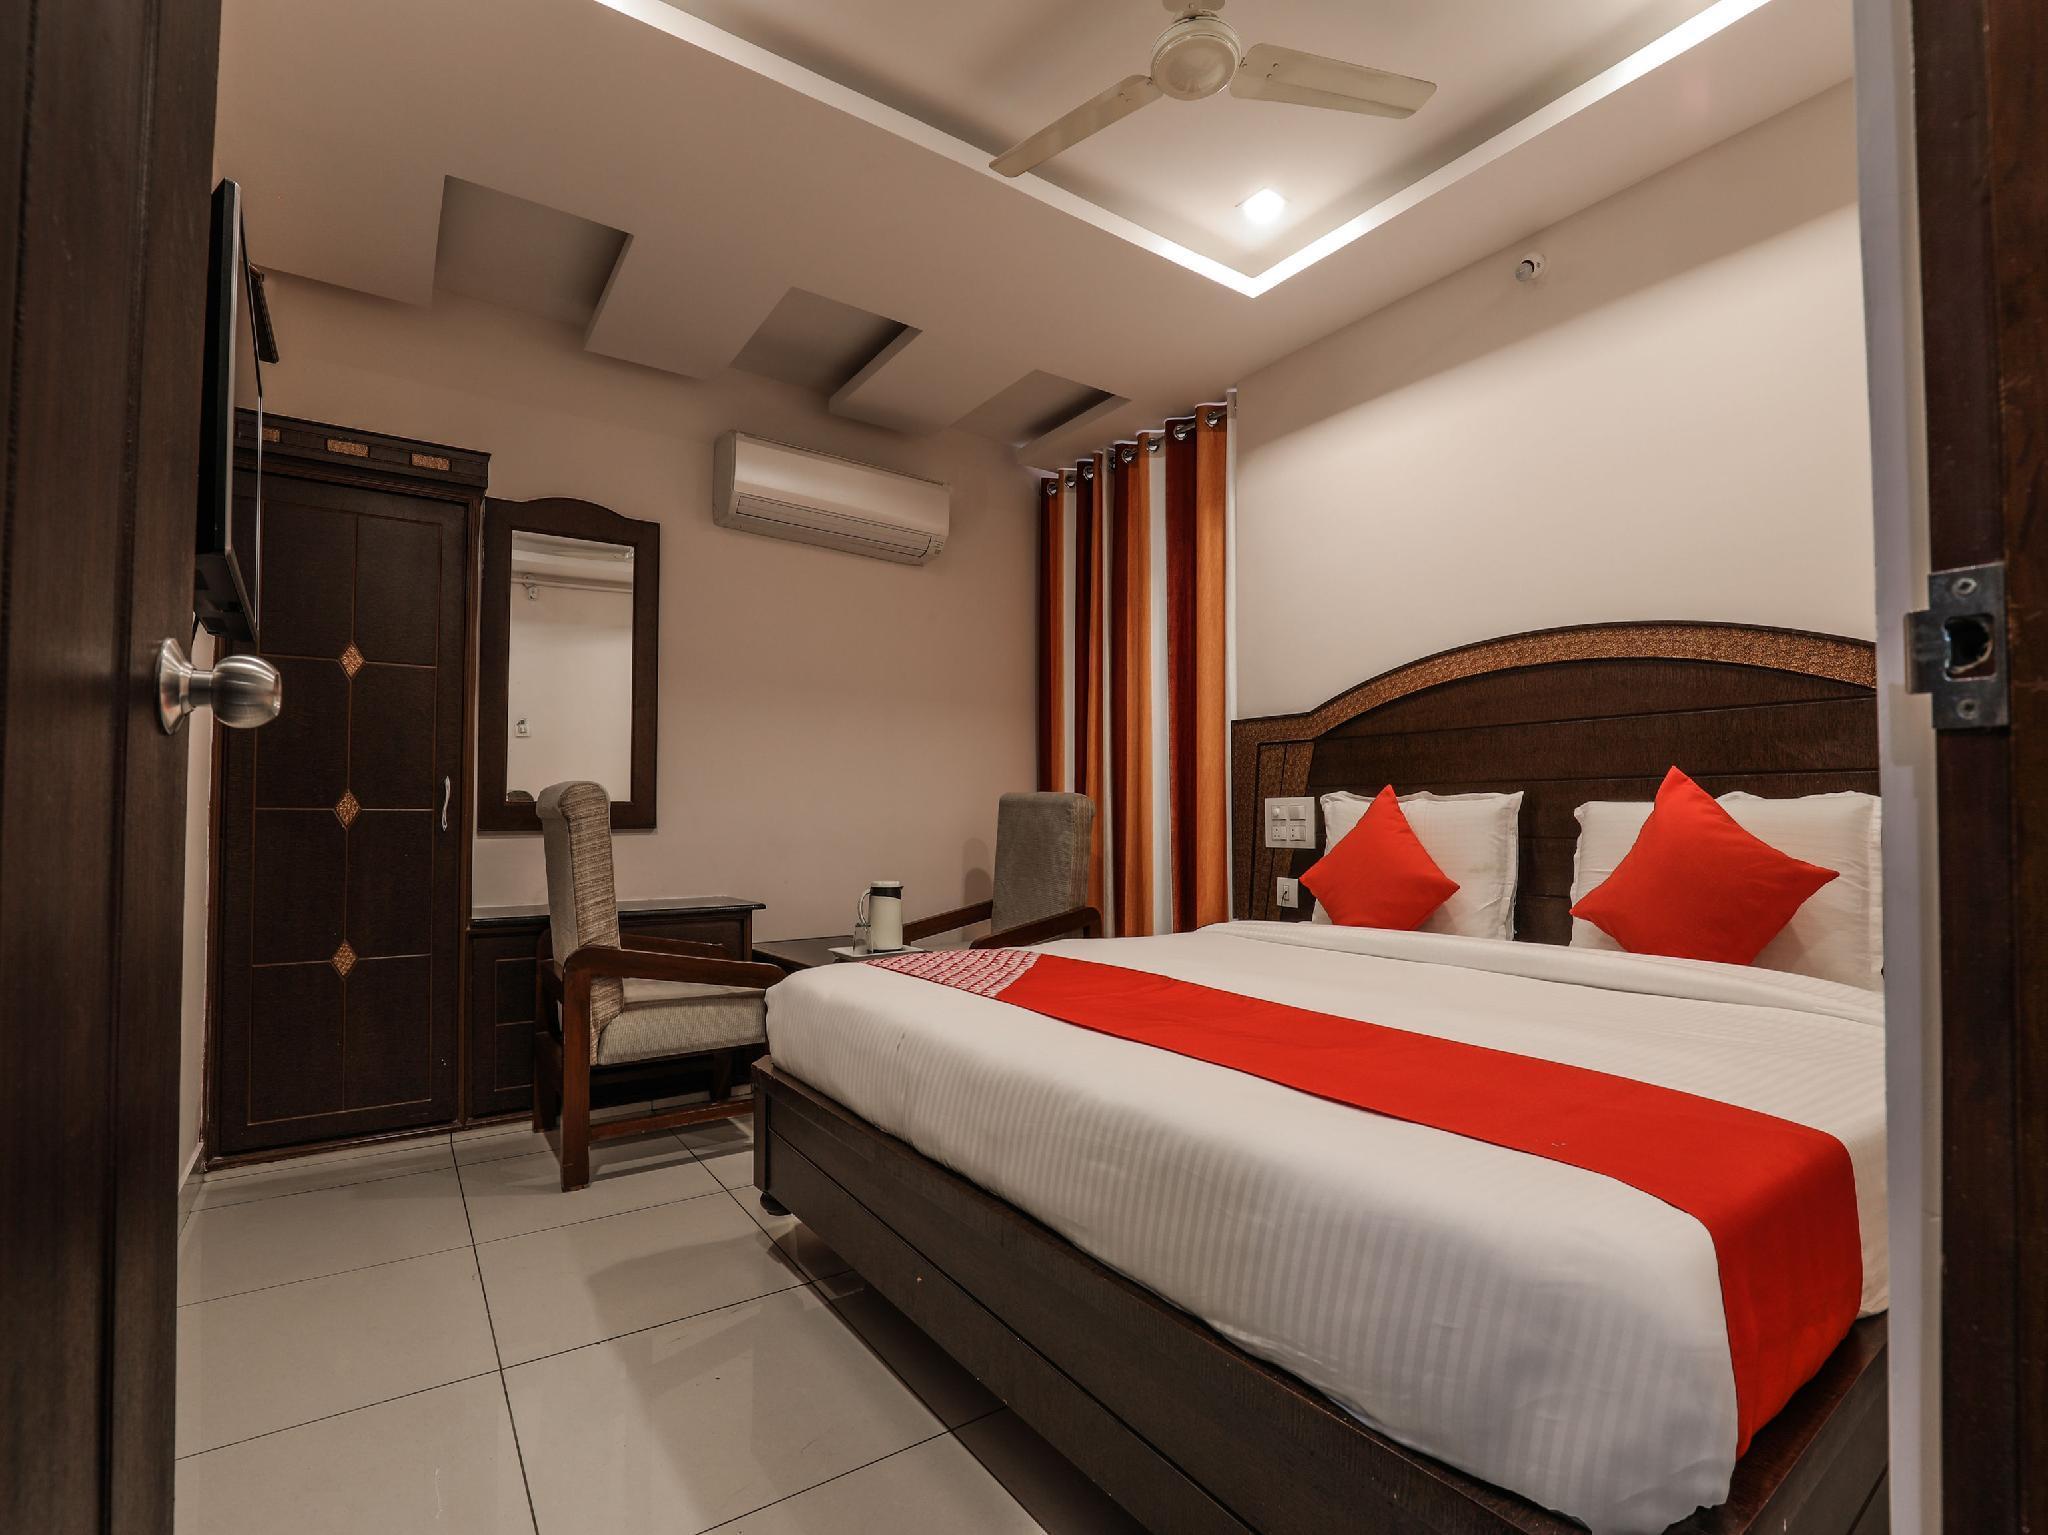 OYO 15936 Hotel Gnr Residency